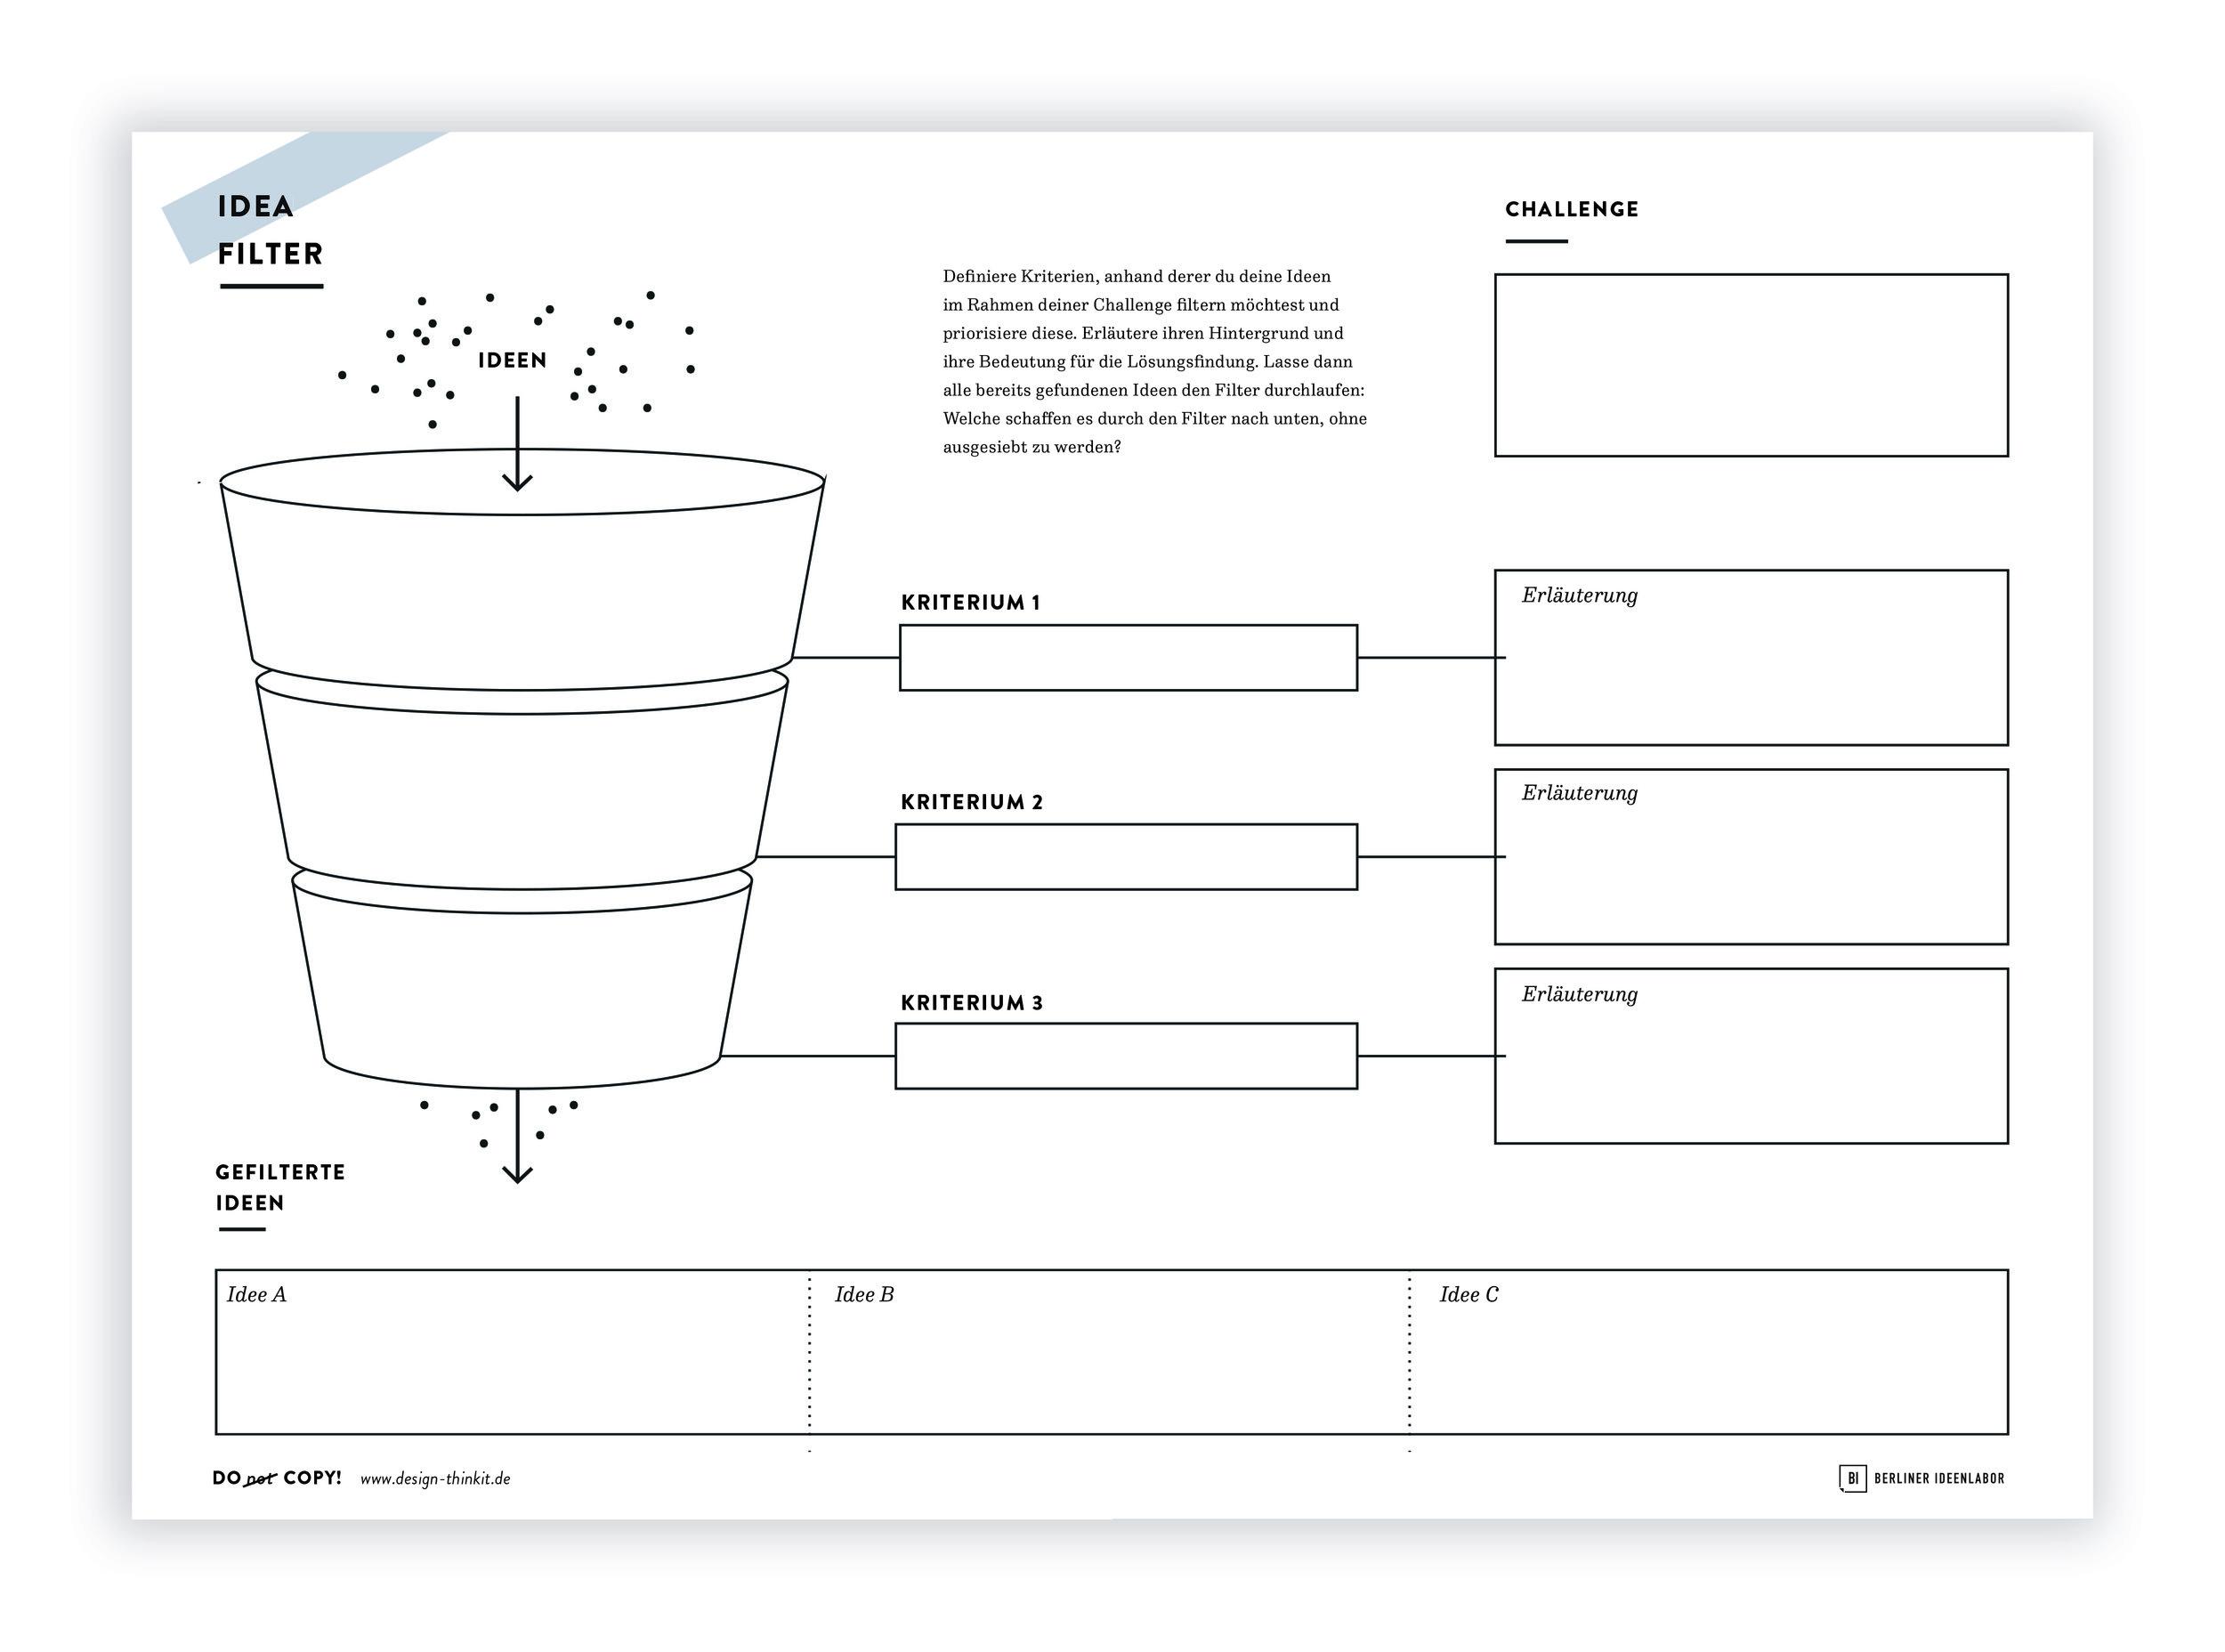 idea-filter-template-schlagschatten.jpg